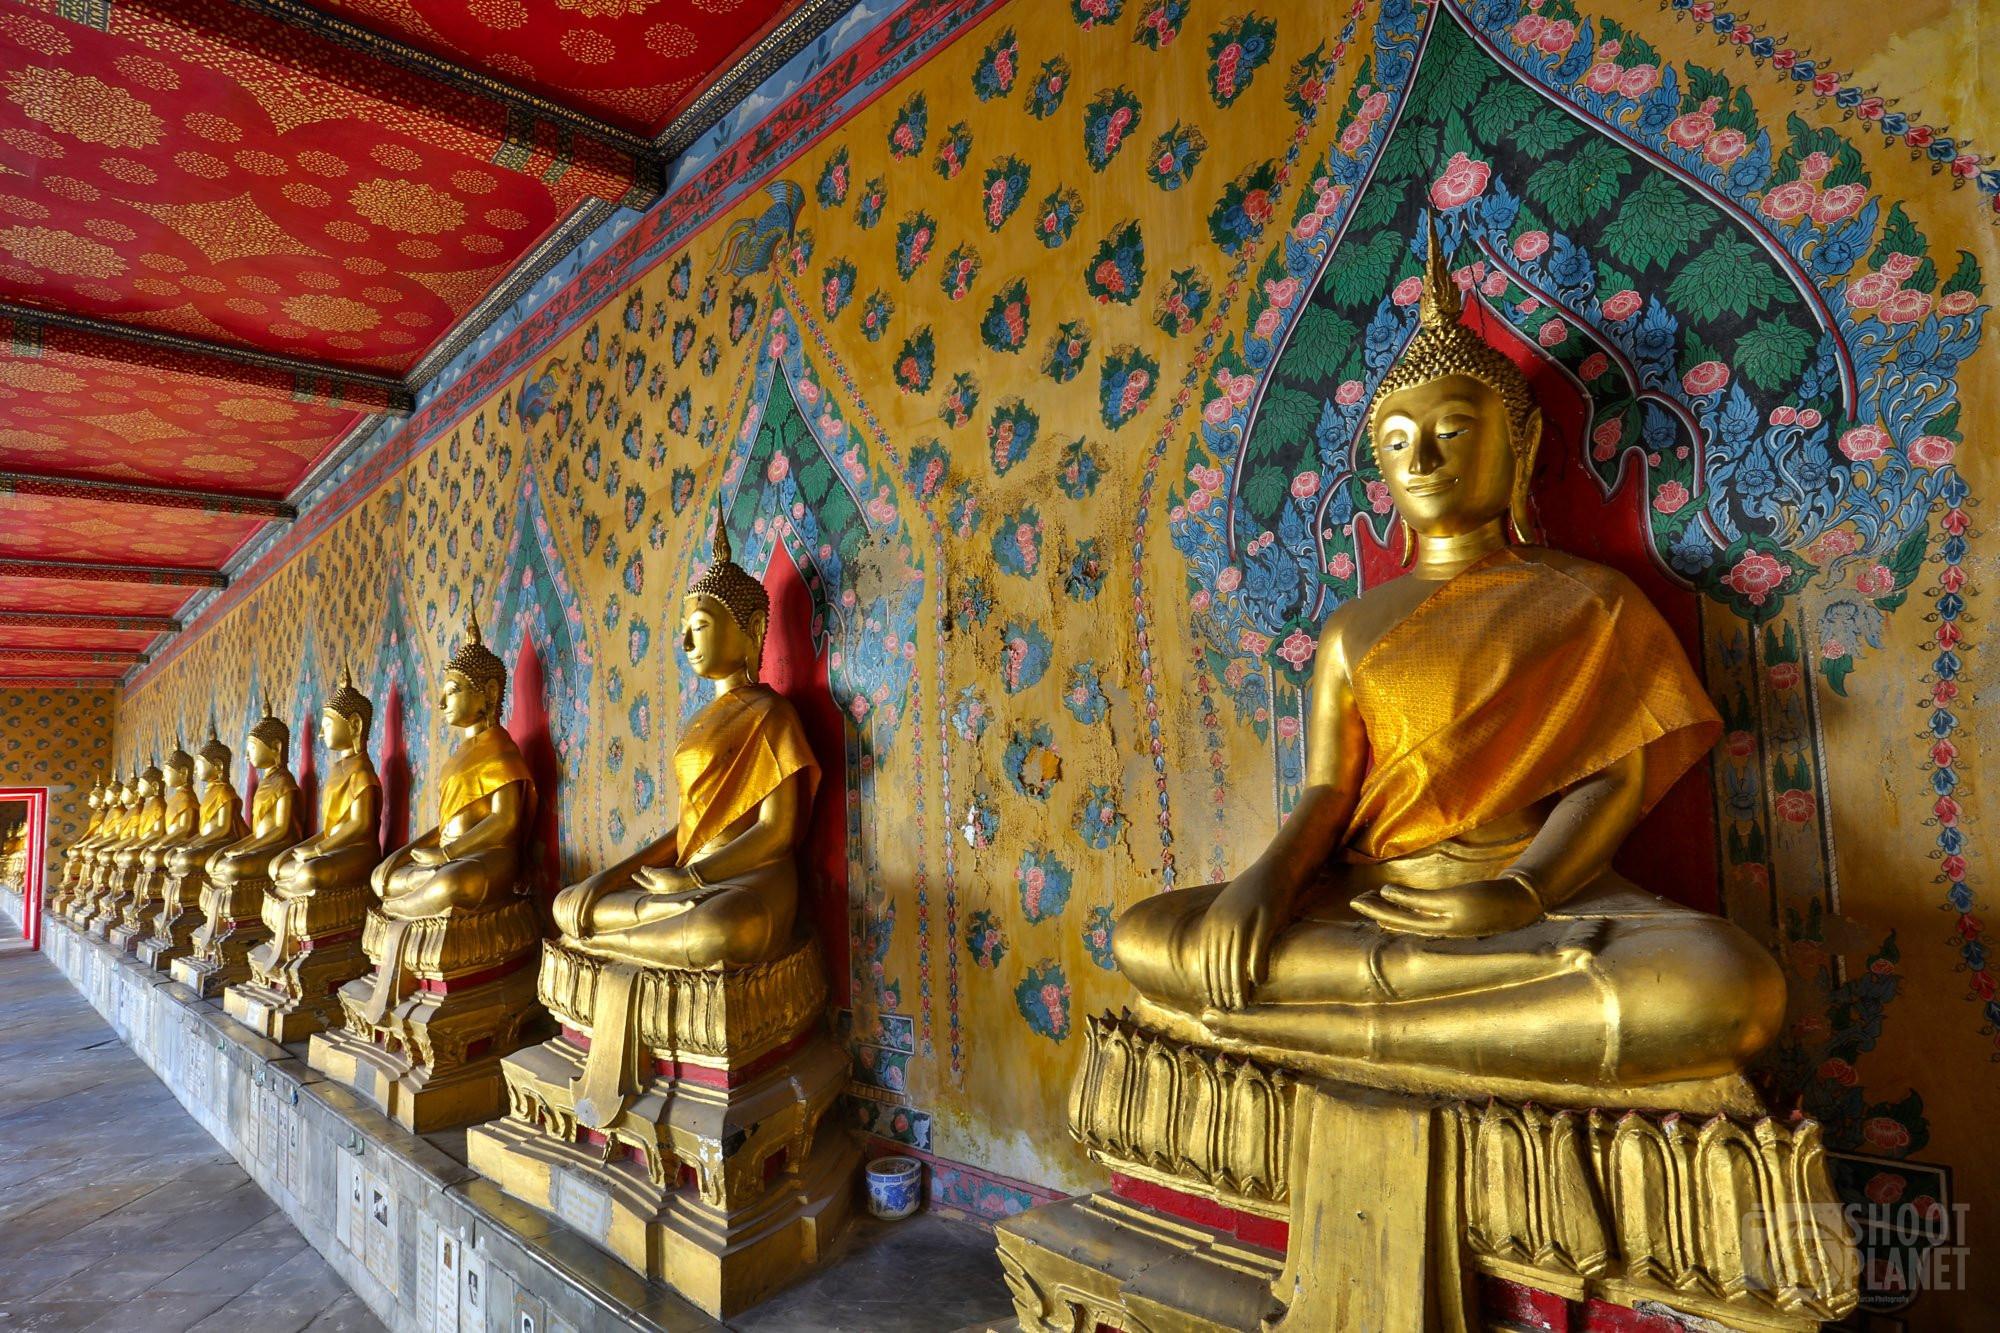 Ancient Buddhas and paintings, Wat Pho, Bangkok